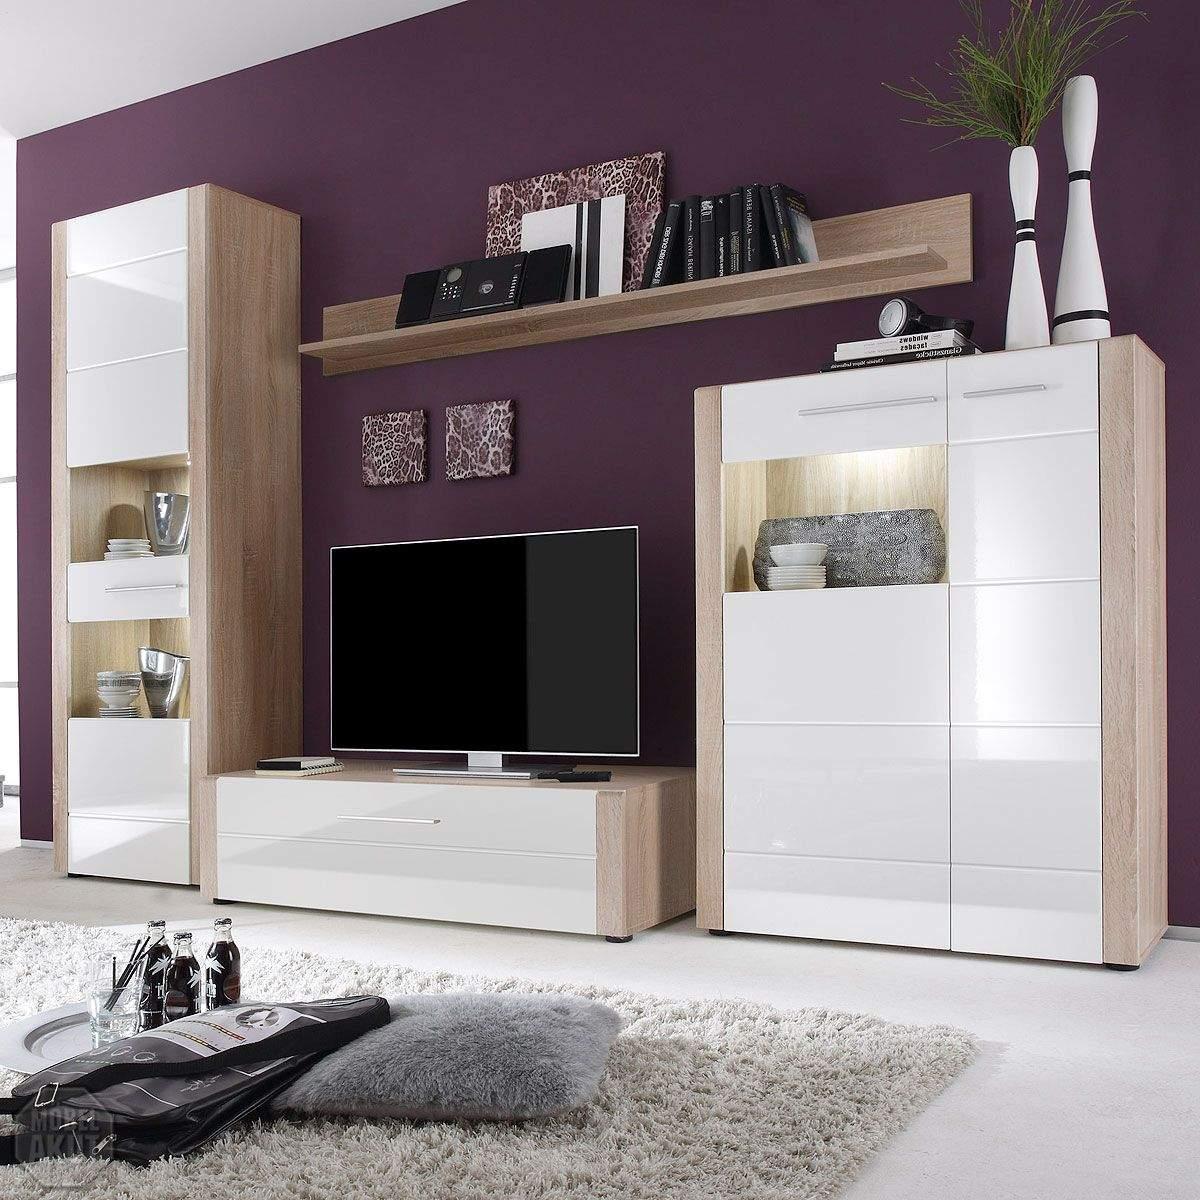 Wohnzimmermöbel Eiche Weiß